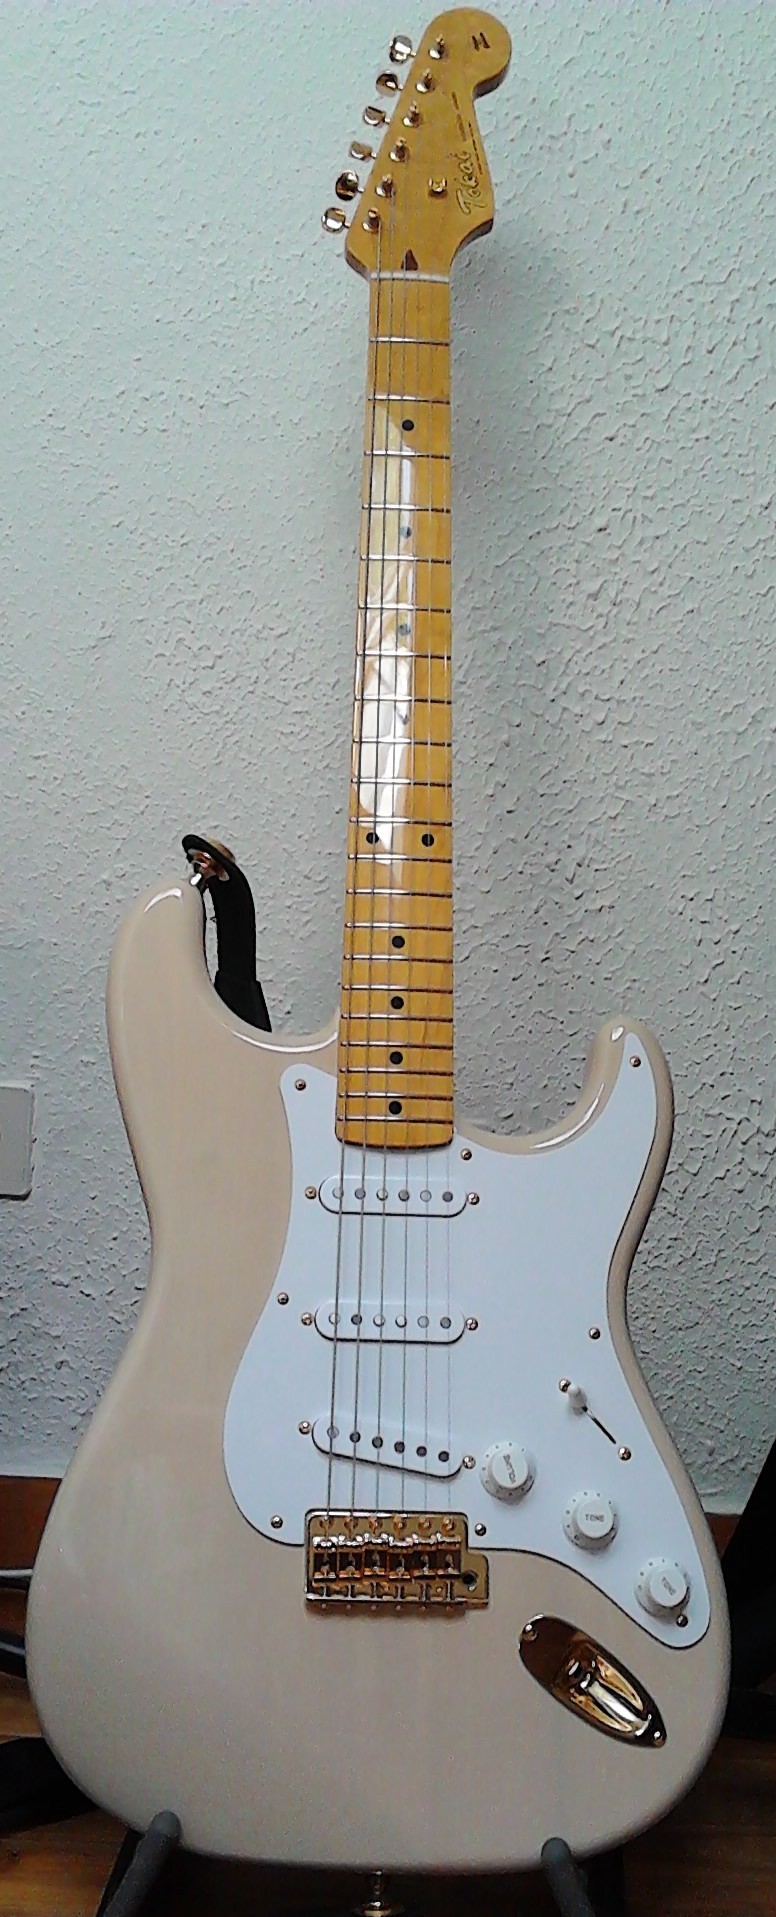 fender 62 vintage stratocaster en vente - Guitares, basses